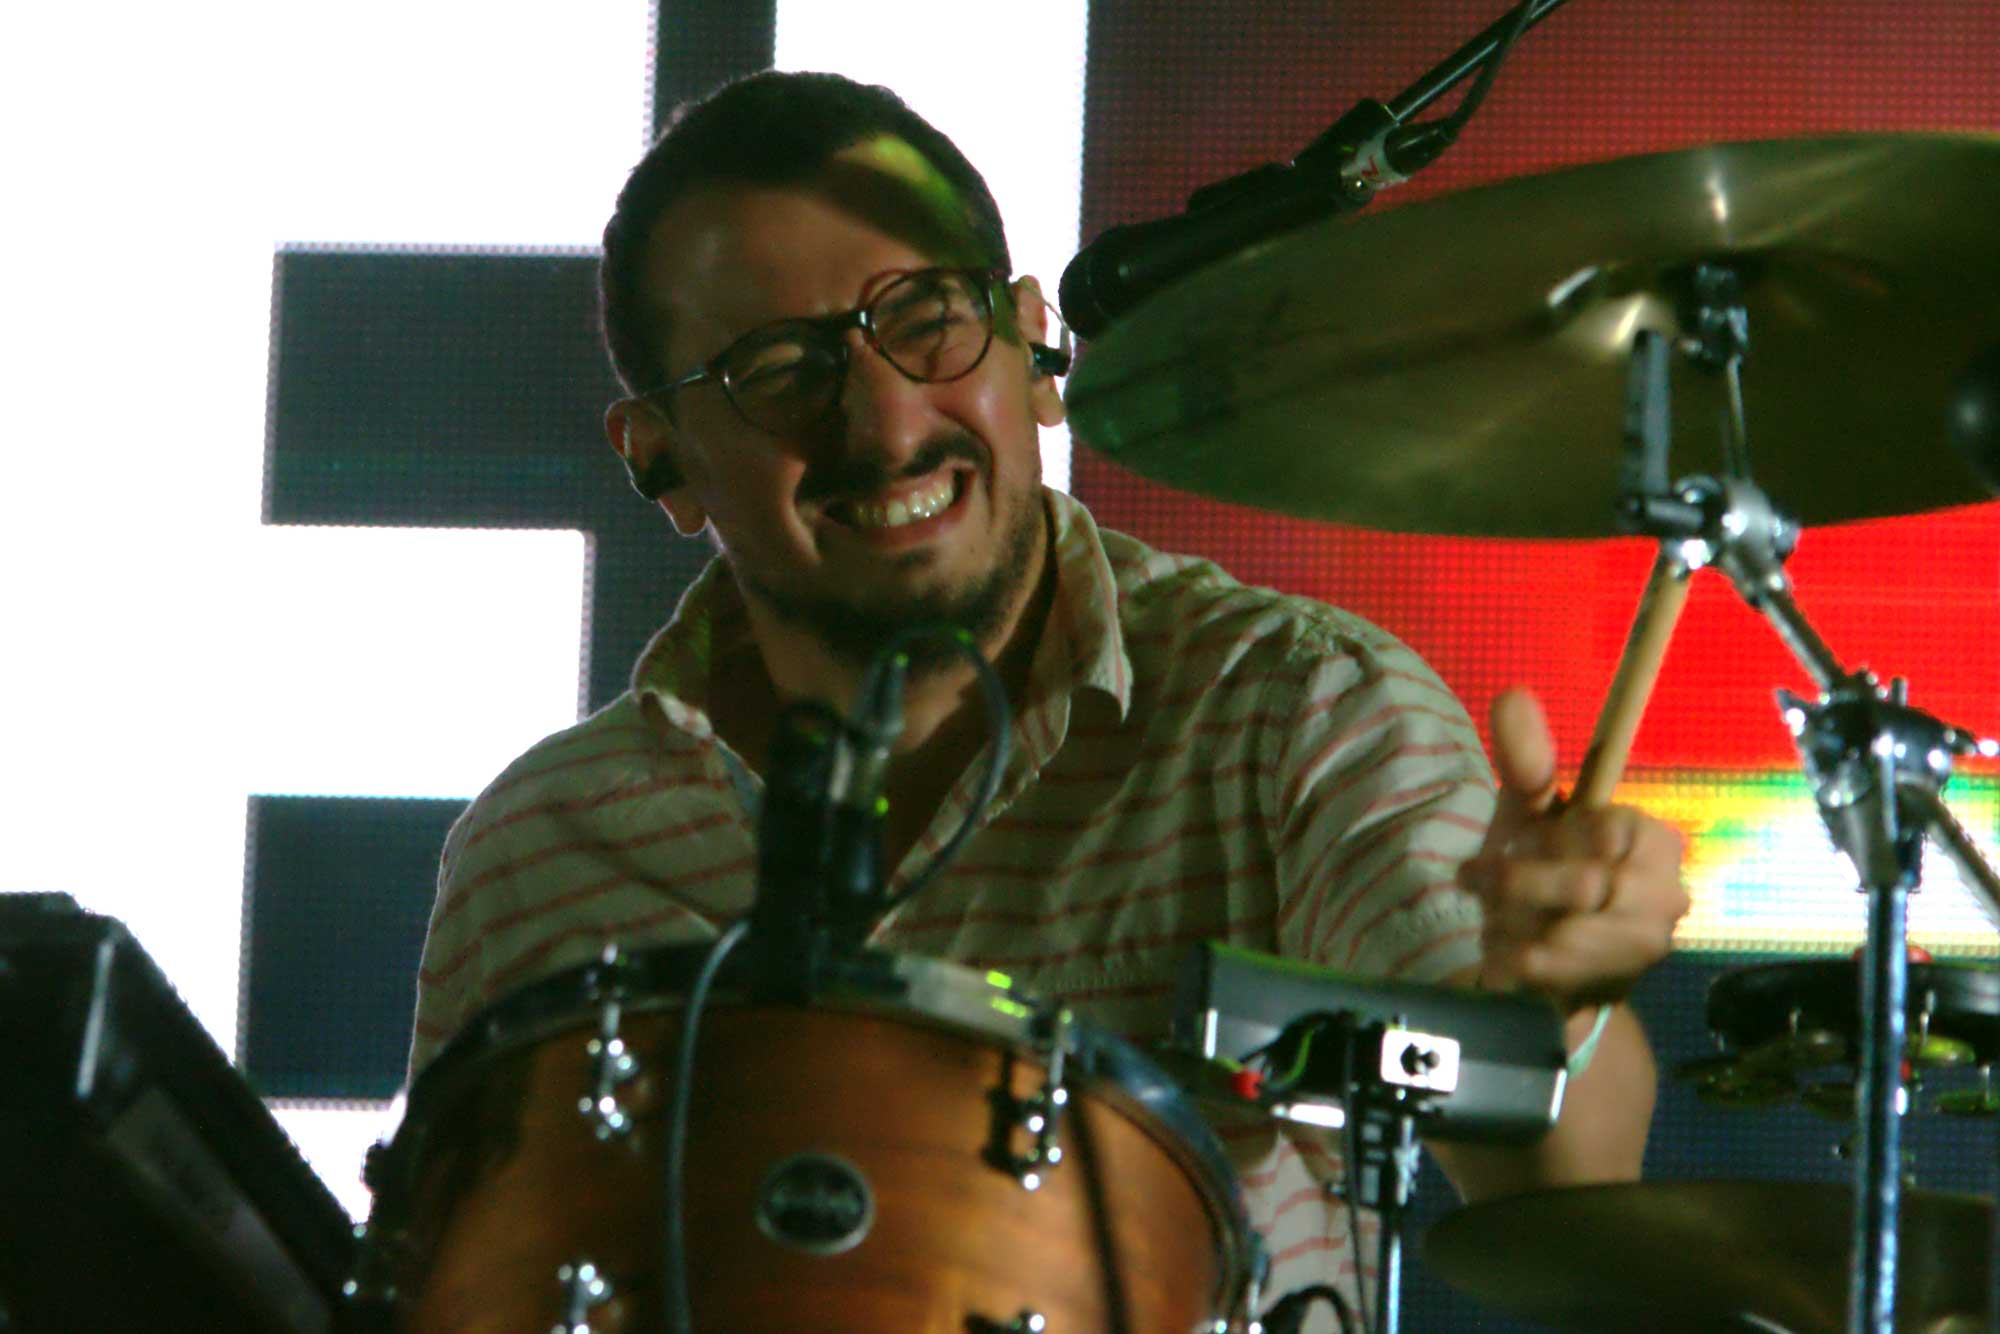 Arnau Vallvé, bateria del grup Manel, durant l'actuació del grup al festival Canet Rock 2016.